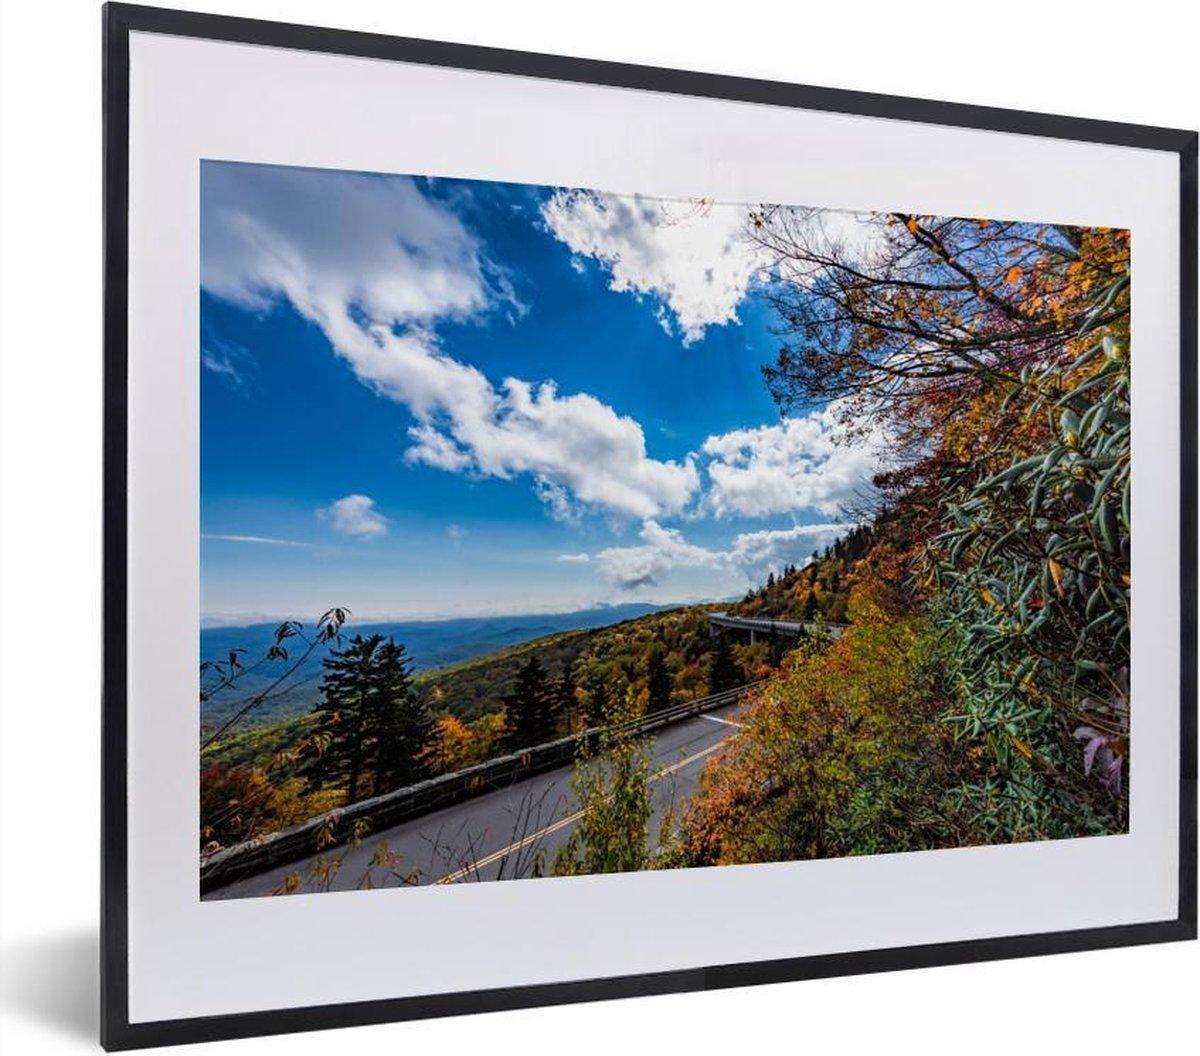 Poster met lijst Blue Ridge Parkway - Bewolkte lucht bij de Blue Ridge Parkway in het zuidoosten van Amerika fotolijst zwart met witte passe-partout - fotolijst zwart - 40x30 cm - Poster met lijst